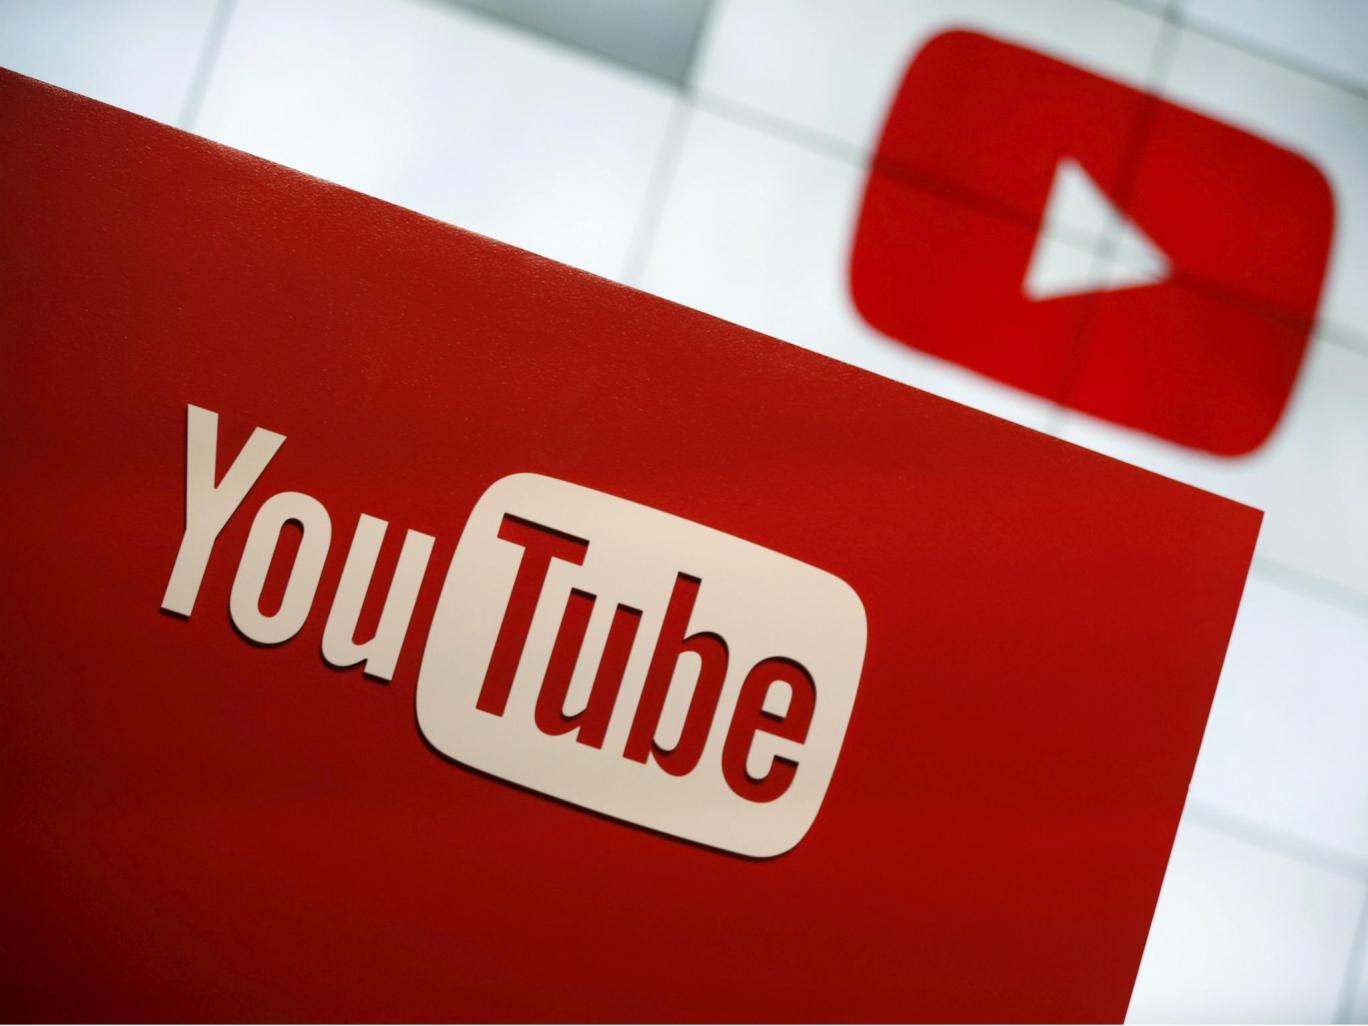 YouTube Go | Κατέβασε τα βίντεο που θες να δεις αργότερα